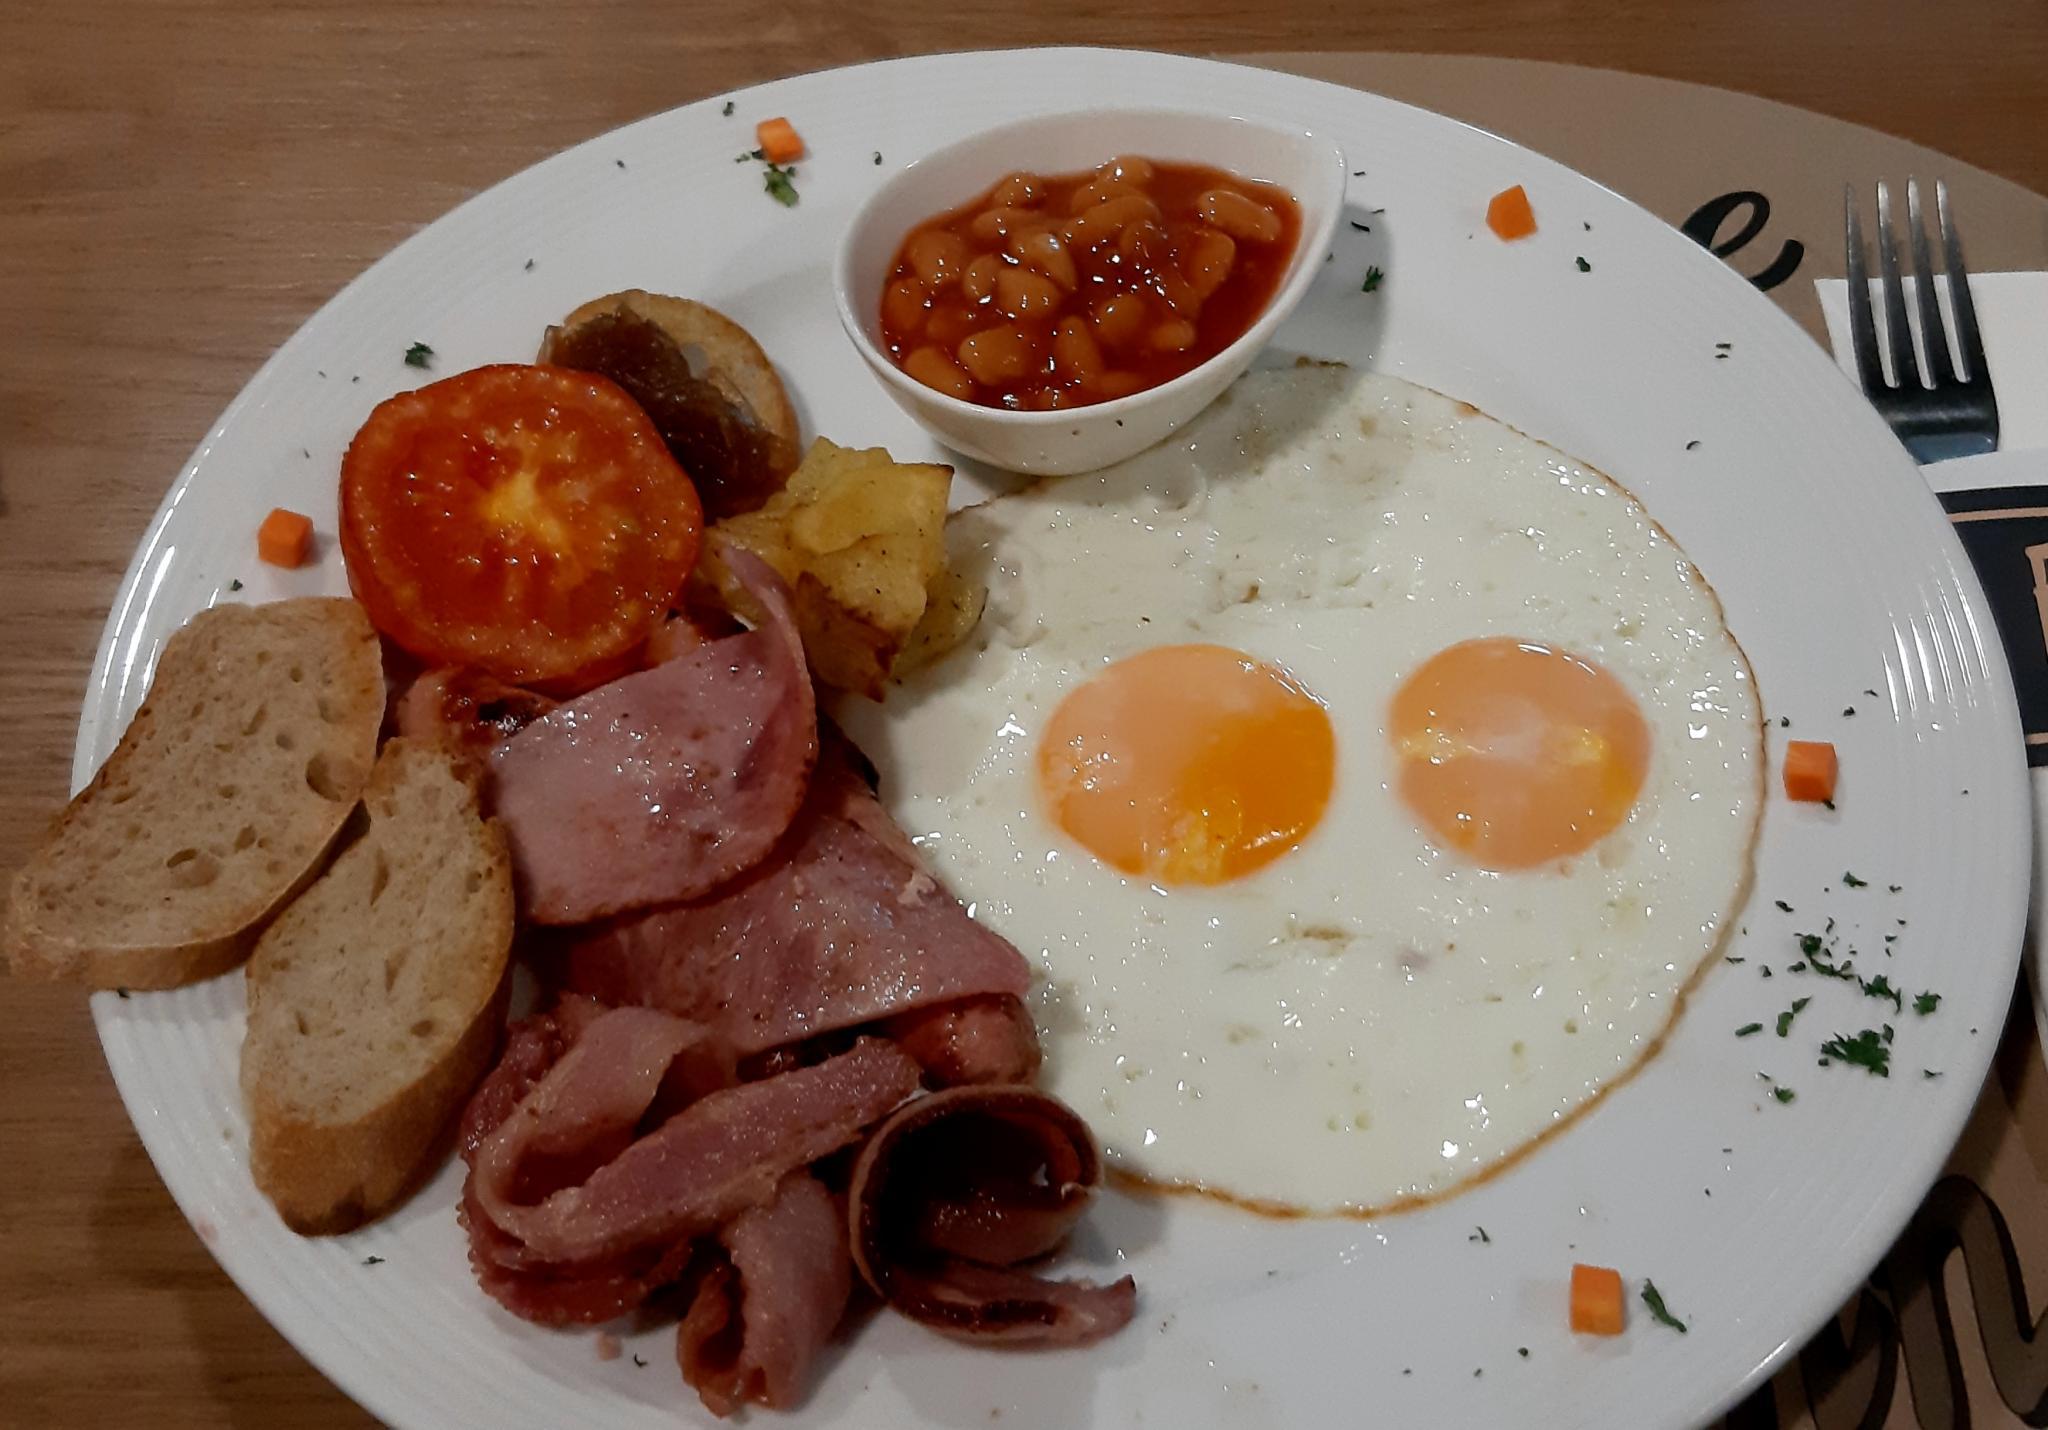 Breakfast-20200211_100749-jpg